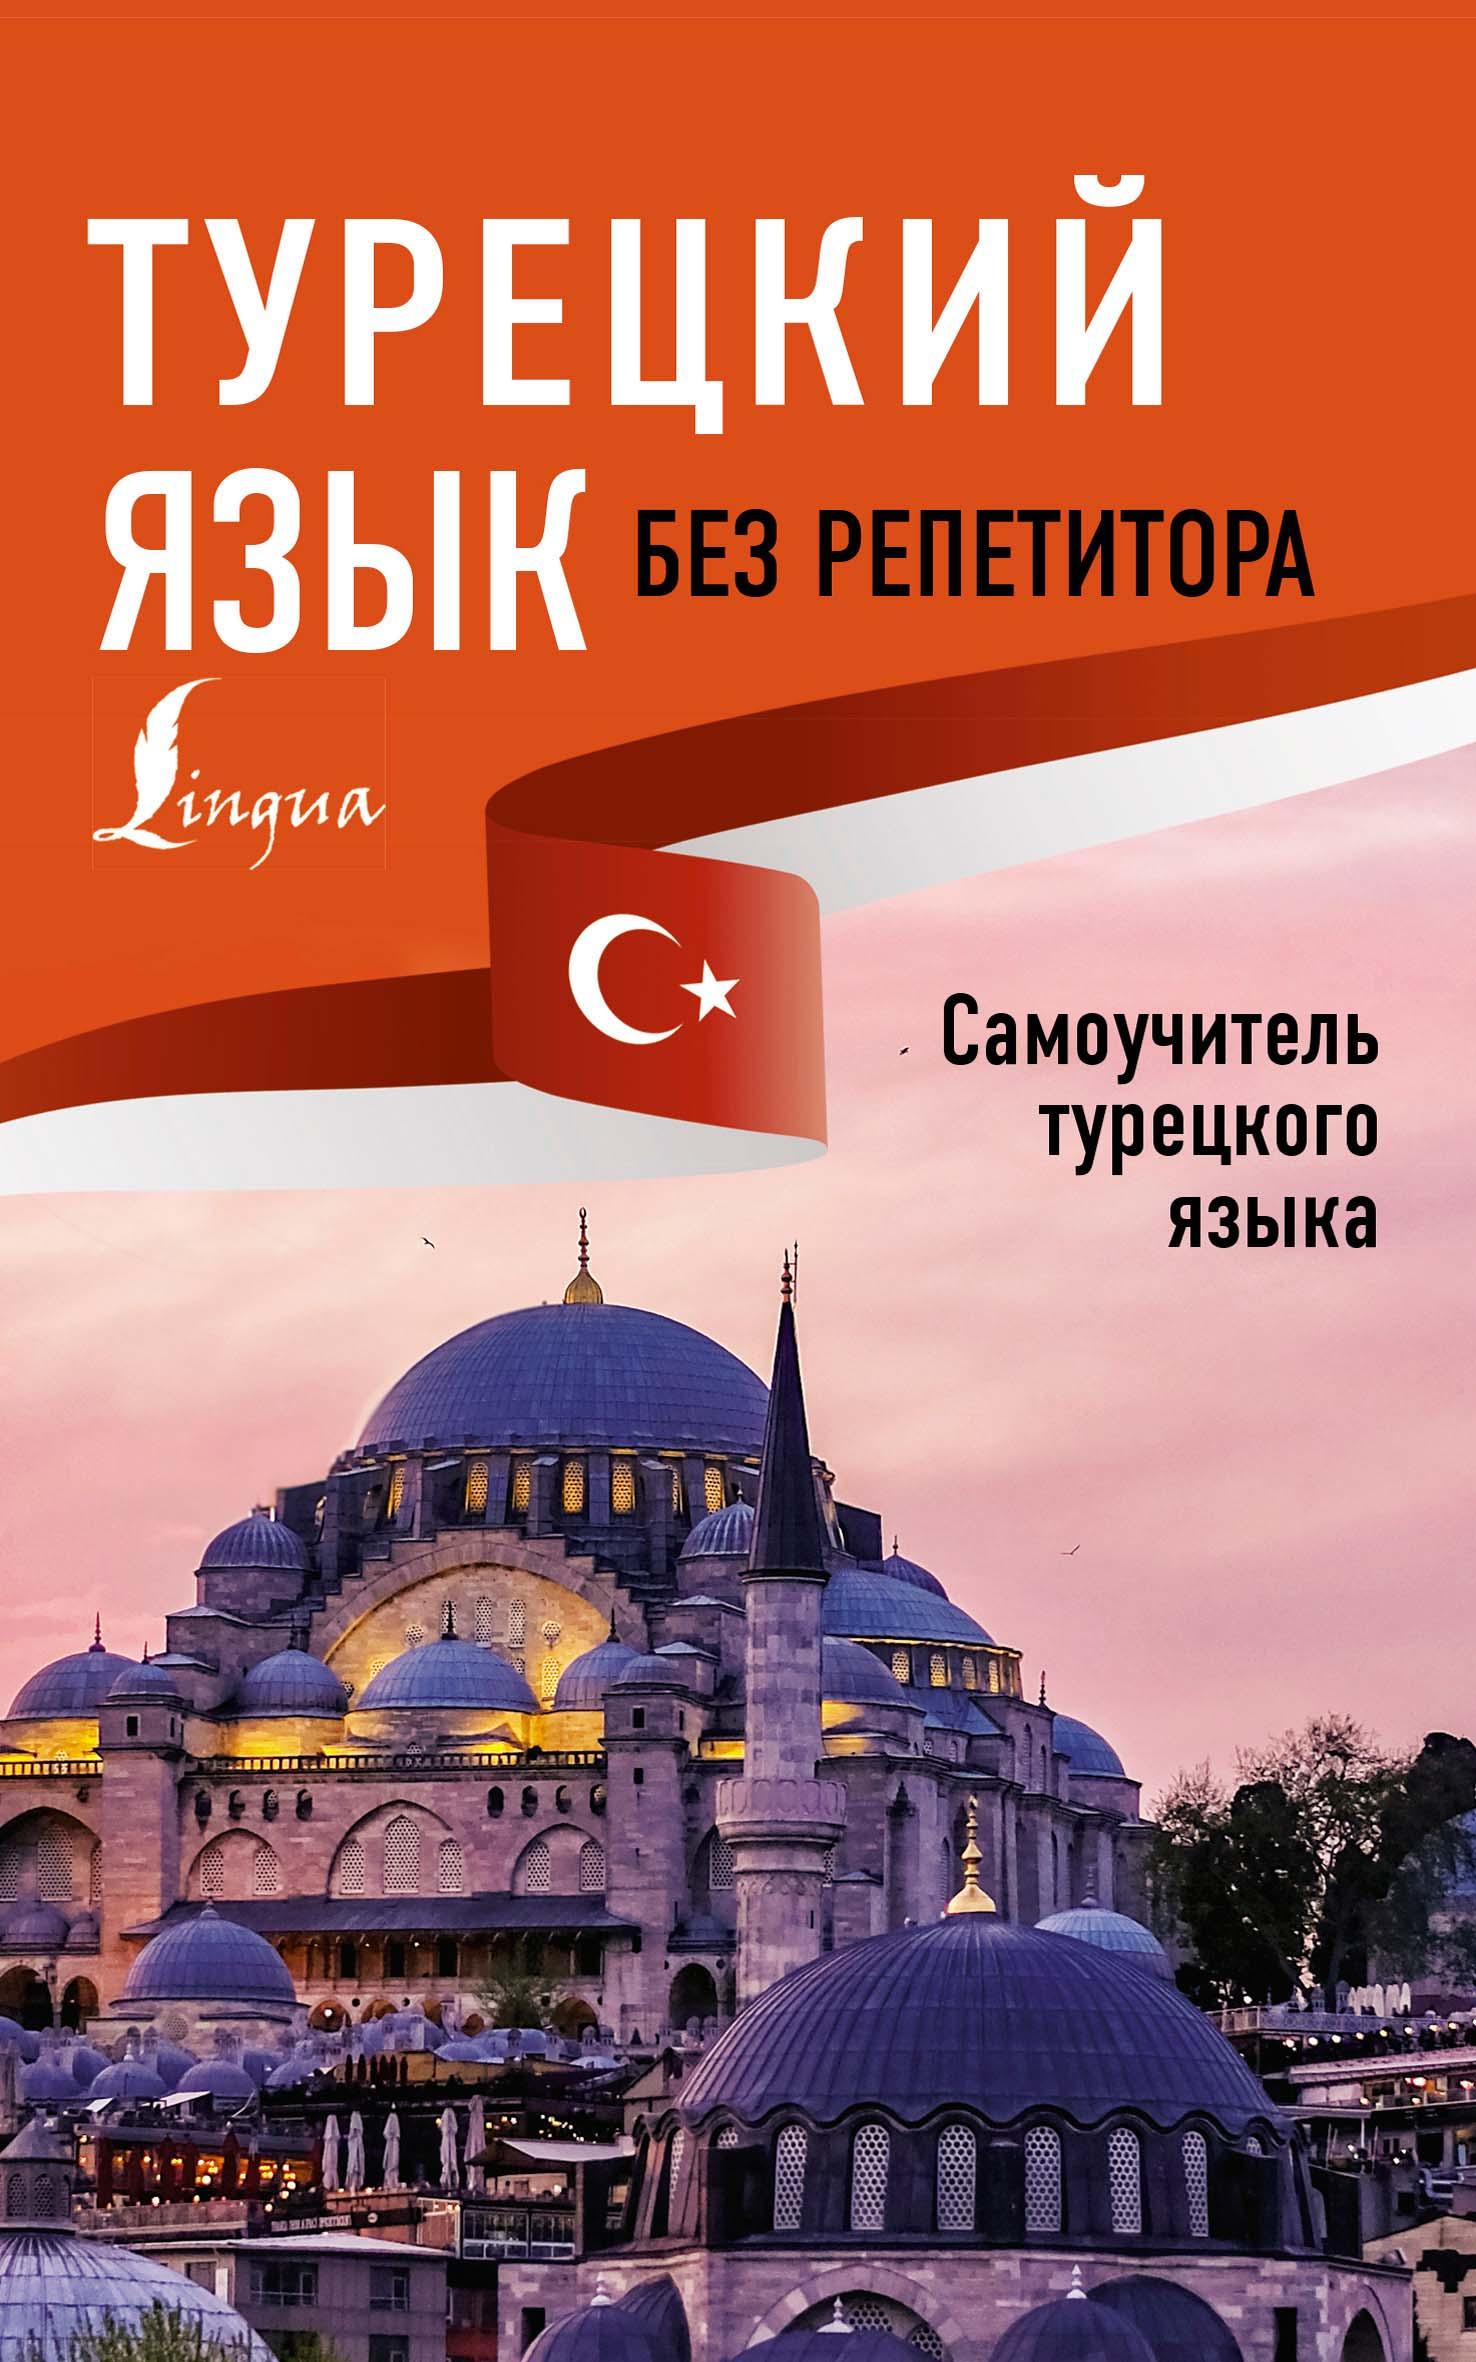 Ахмет Каплан Турецкий язык без репетитора. Самоучитель турецкого языка